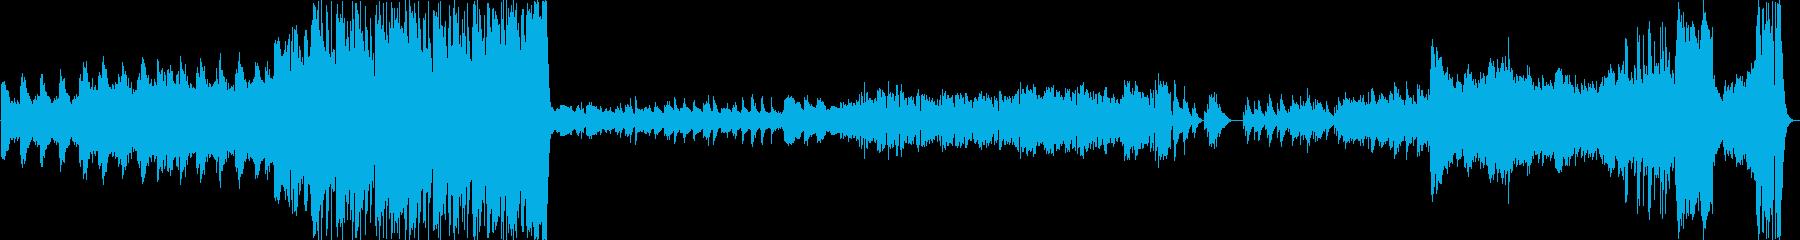 勇壮~哀愁まで/オーケストラ風メドレーの再生済みの波形